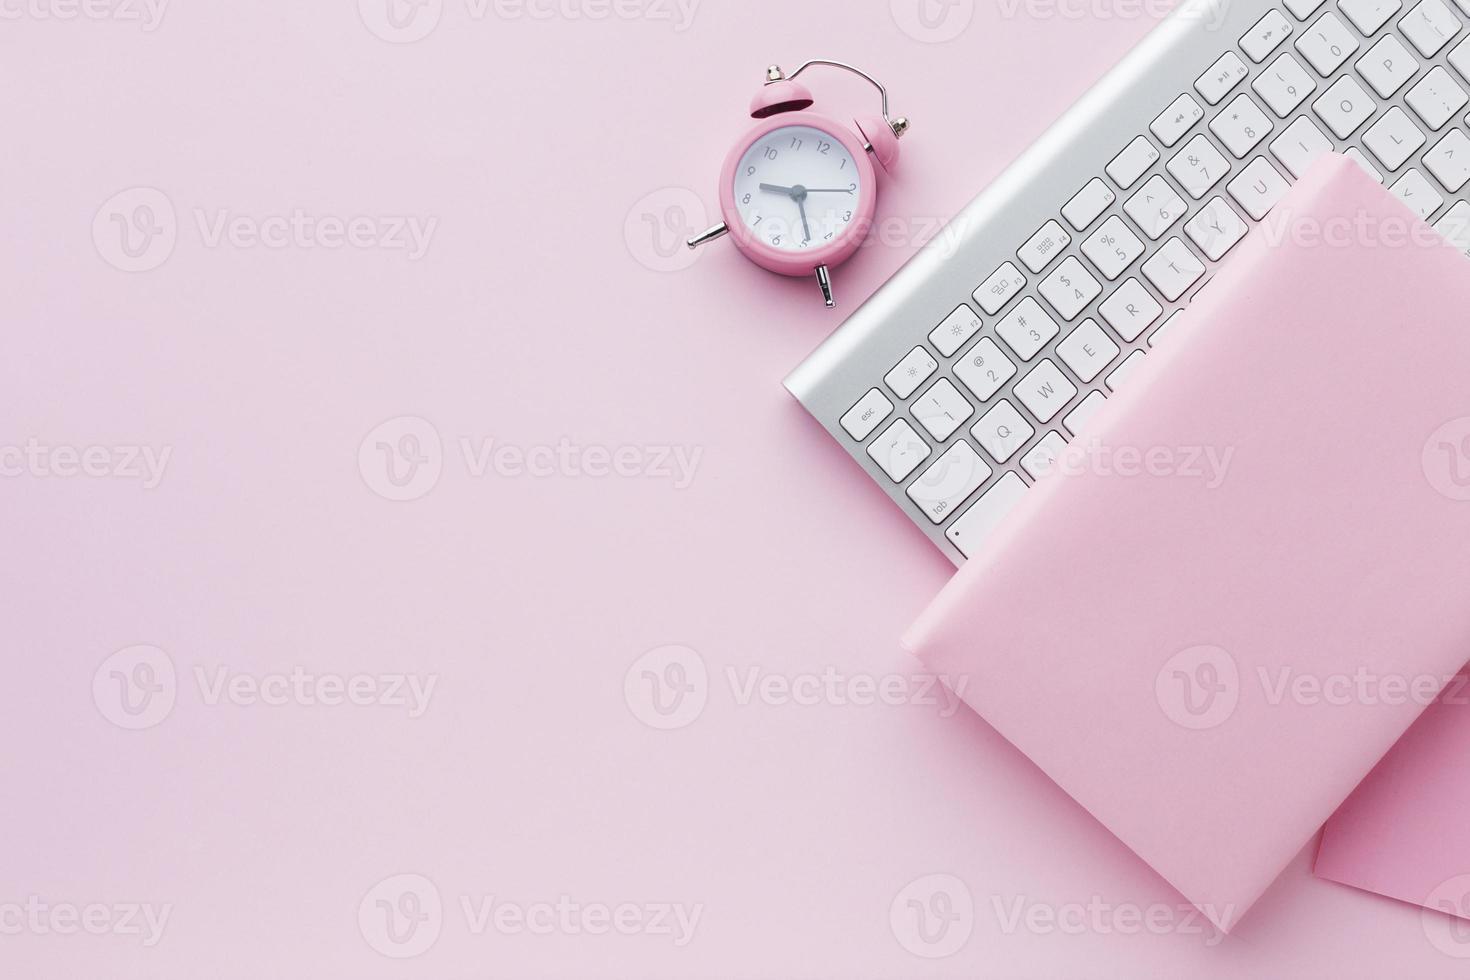 libro bianco e tastiera con orologio rosa su sfondo rosa foto